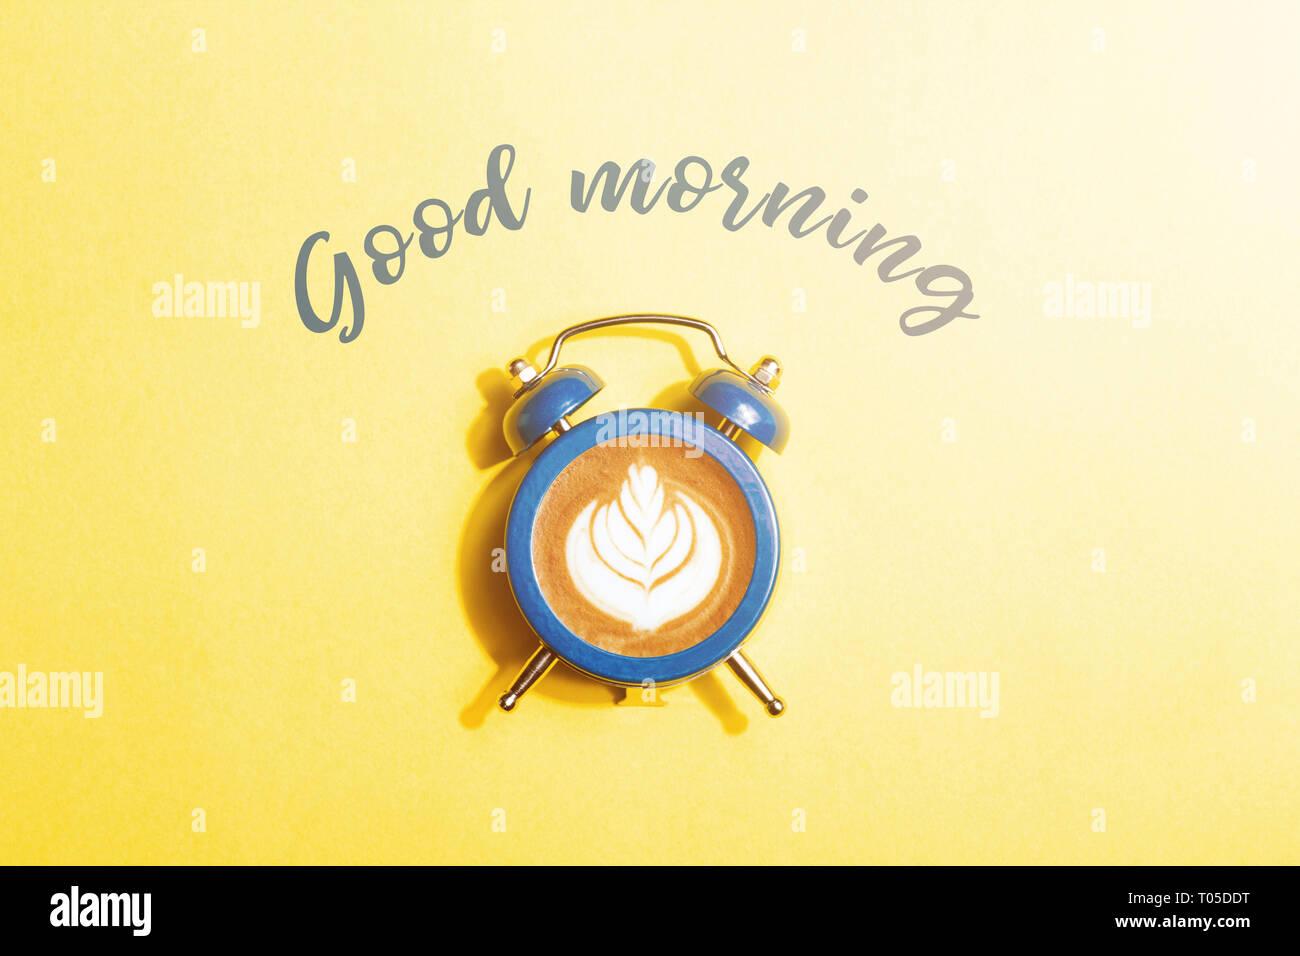 Reloj despertador con el dial de capuchino sobre fondo amarillo. Concepto de tiempo café minimalistas con inscripción de buena mañana. Foto de stock